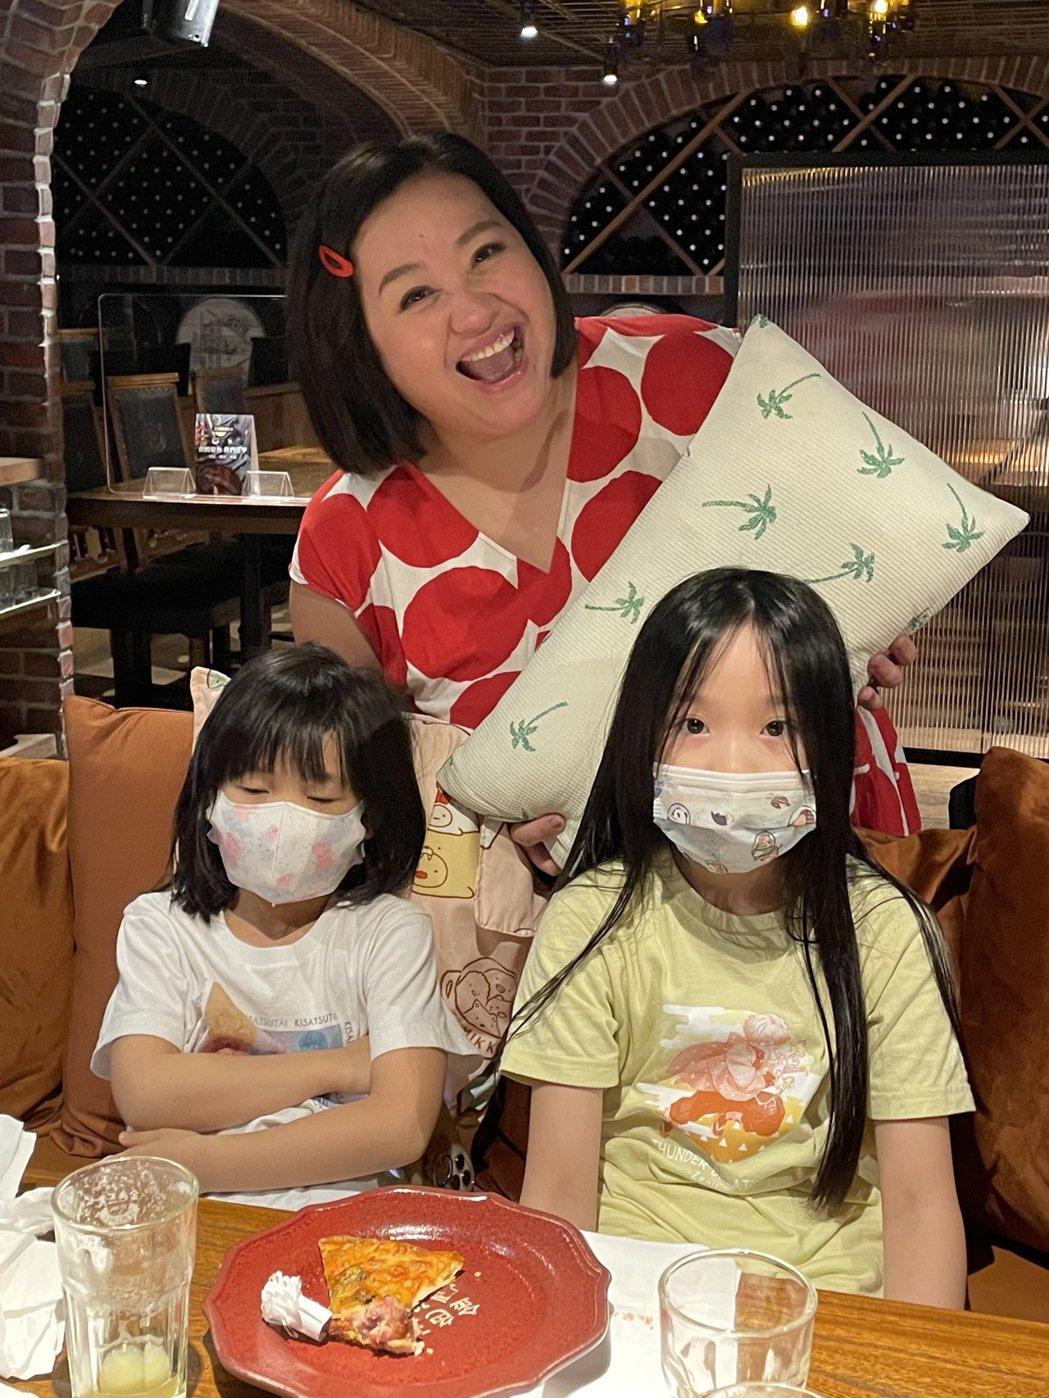 鍾欣凌帶2女兒出席「婆婆」慶功宴,女兒抱枕頭萌翻一票人。圖/公視提供